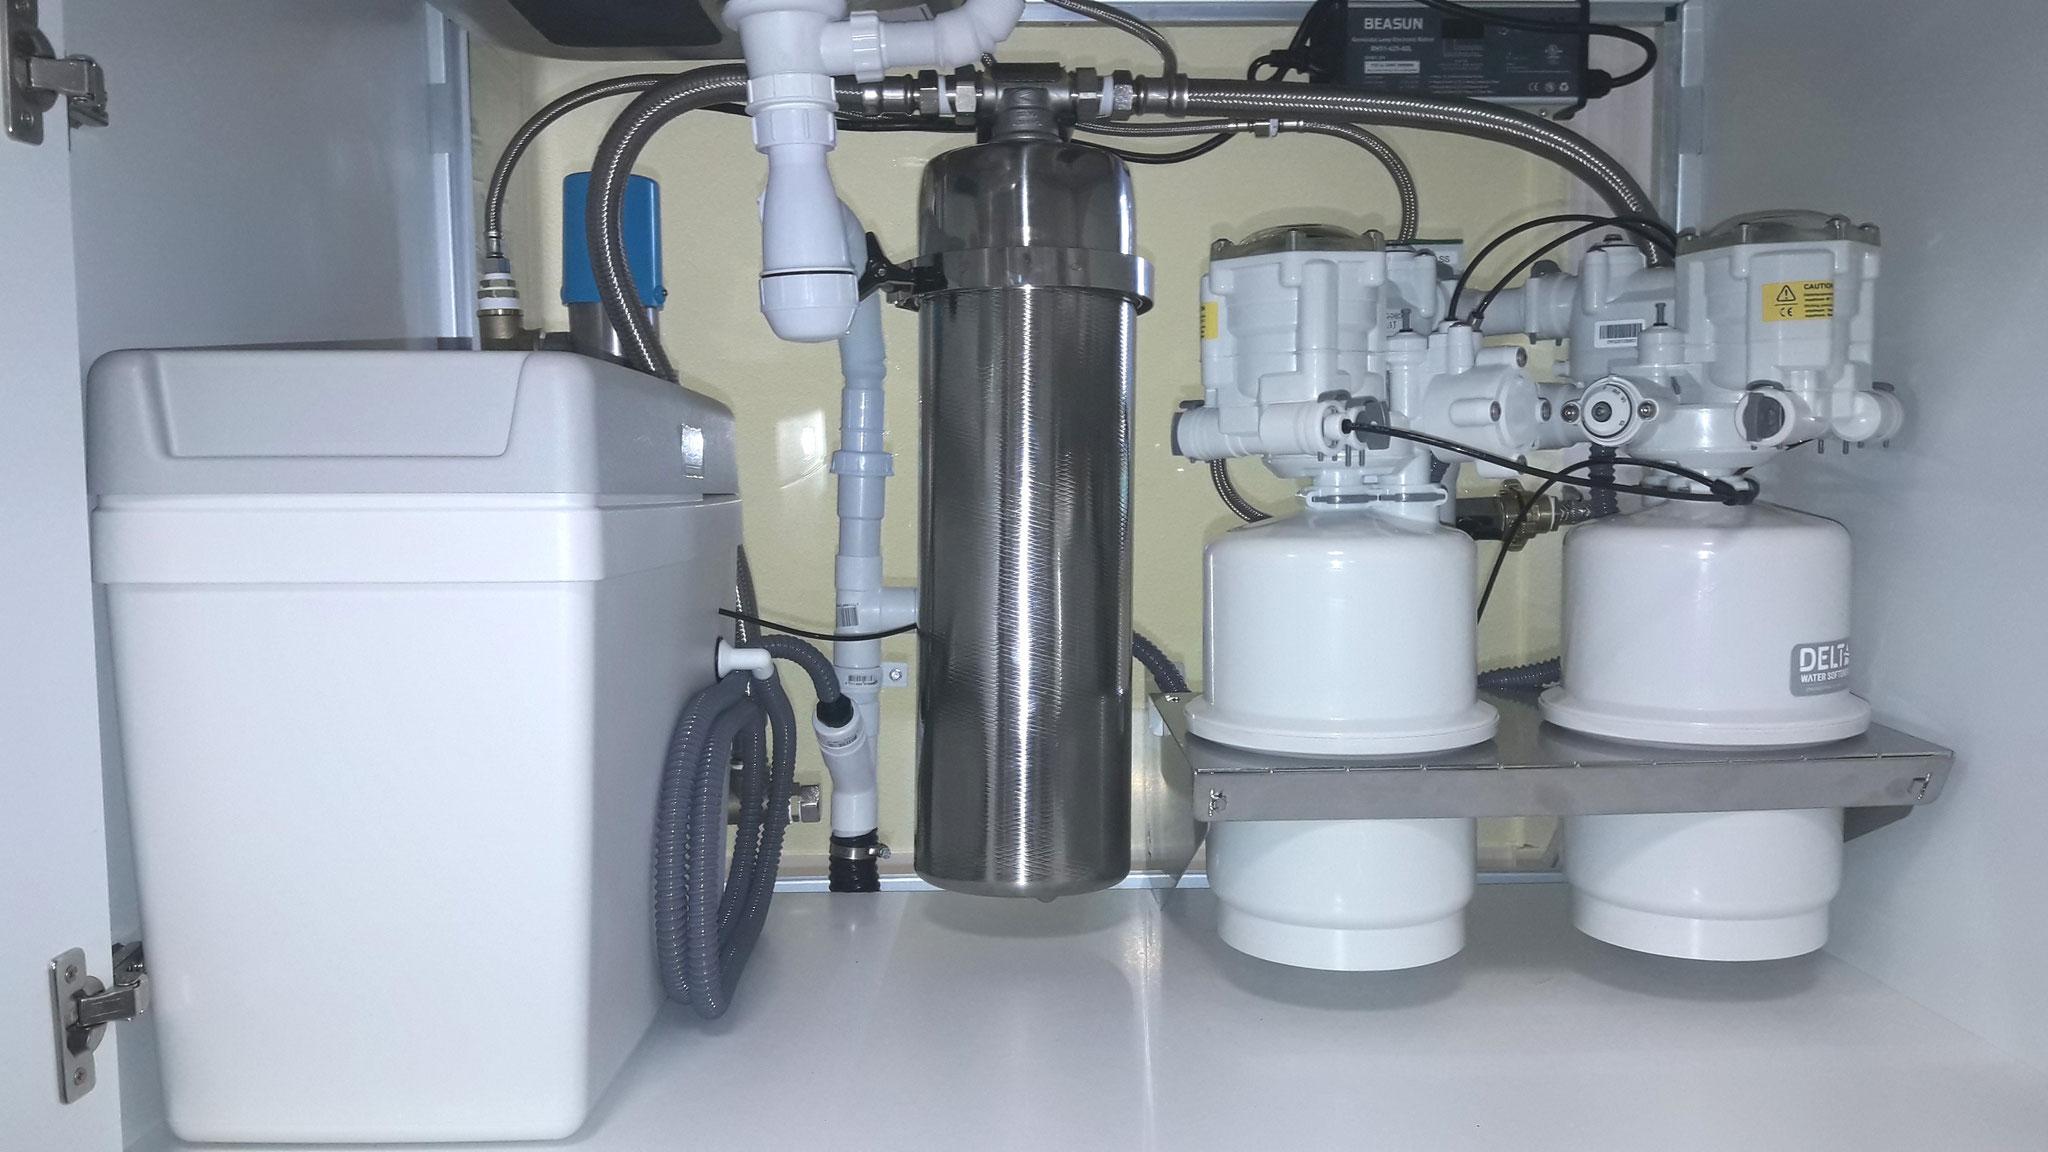 OLAC waterbehandelingssysteem met 25 kg zoutreservoir